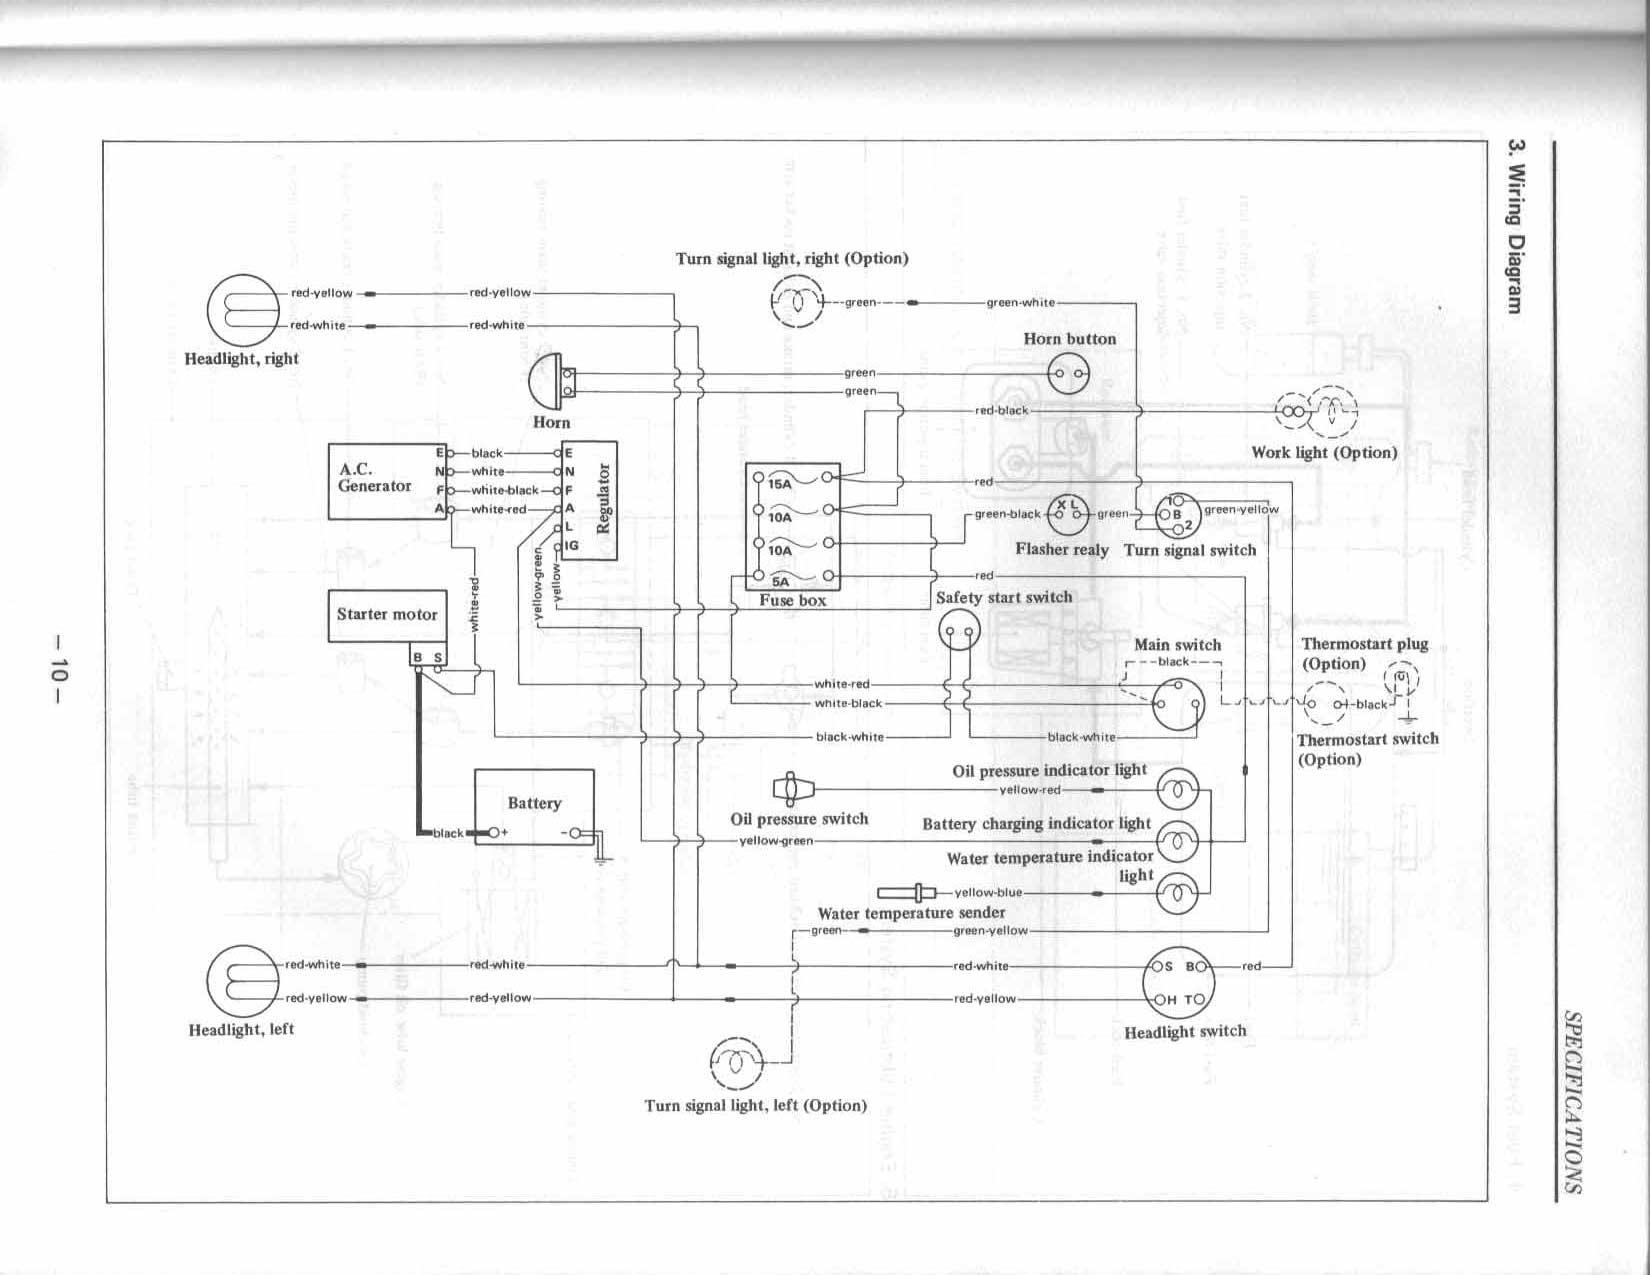 kubota bx2200 starter wiring diagram wiring diagram bx2200 wiring diagram electrical diagrams